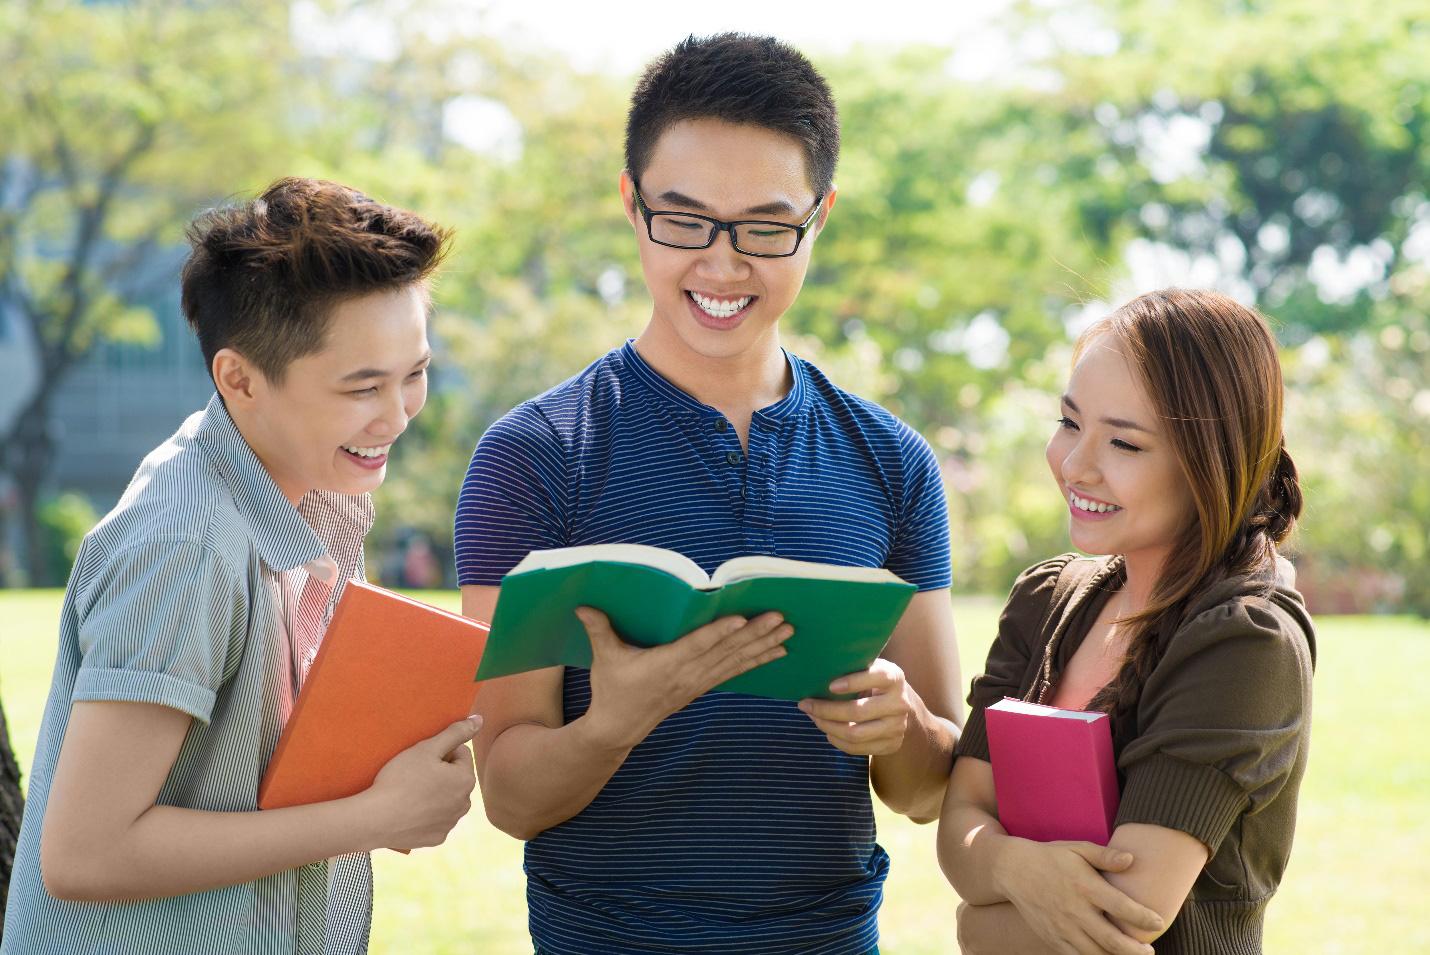 Chọn đại học chuẩn Hàn Quốc, tự tin chinh phục doanh nghiệp xứ kim chi - Ảnh 1.